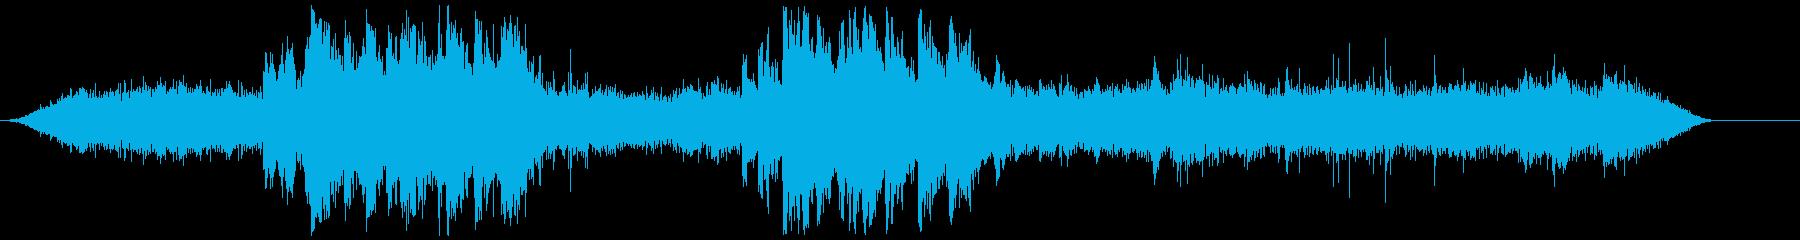 バスアンデン交通の再生済みの波形